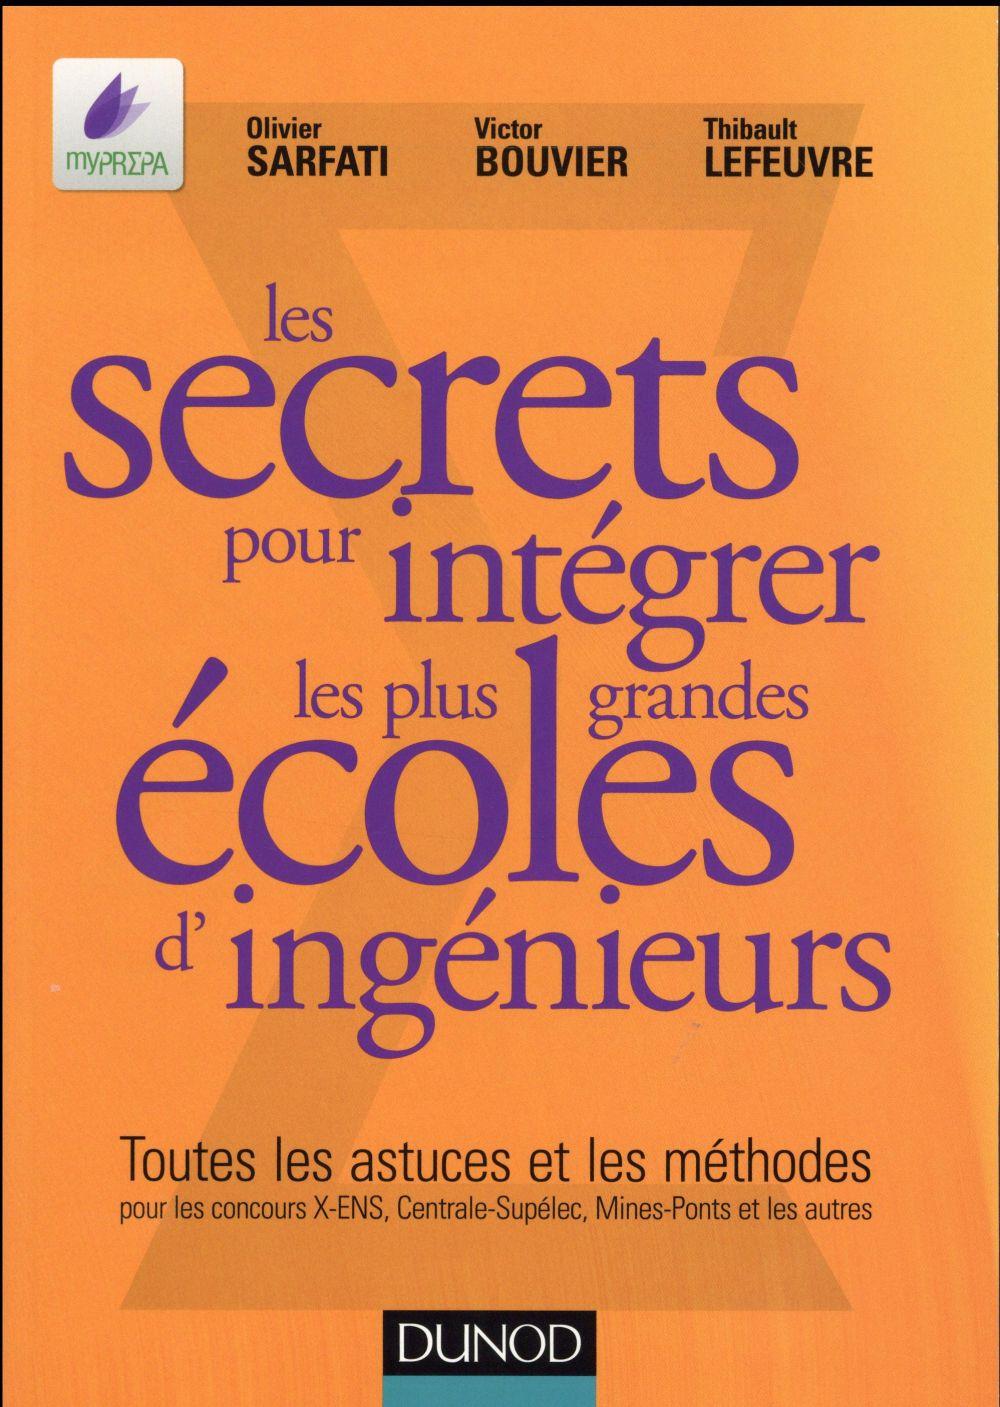 Lefeuvre Thibault - LES SECRETS POUR INTEGRER LES PLUS GRANDES ECOLES D'INGENIEURS